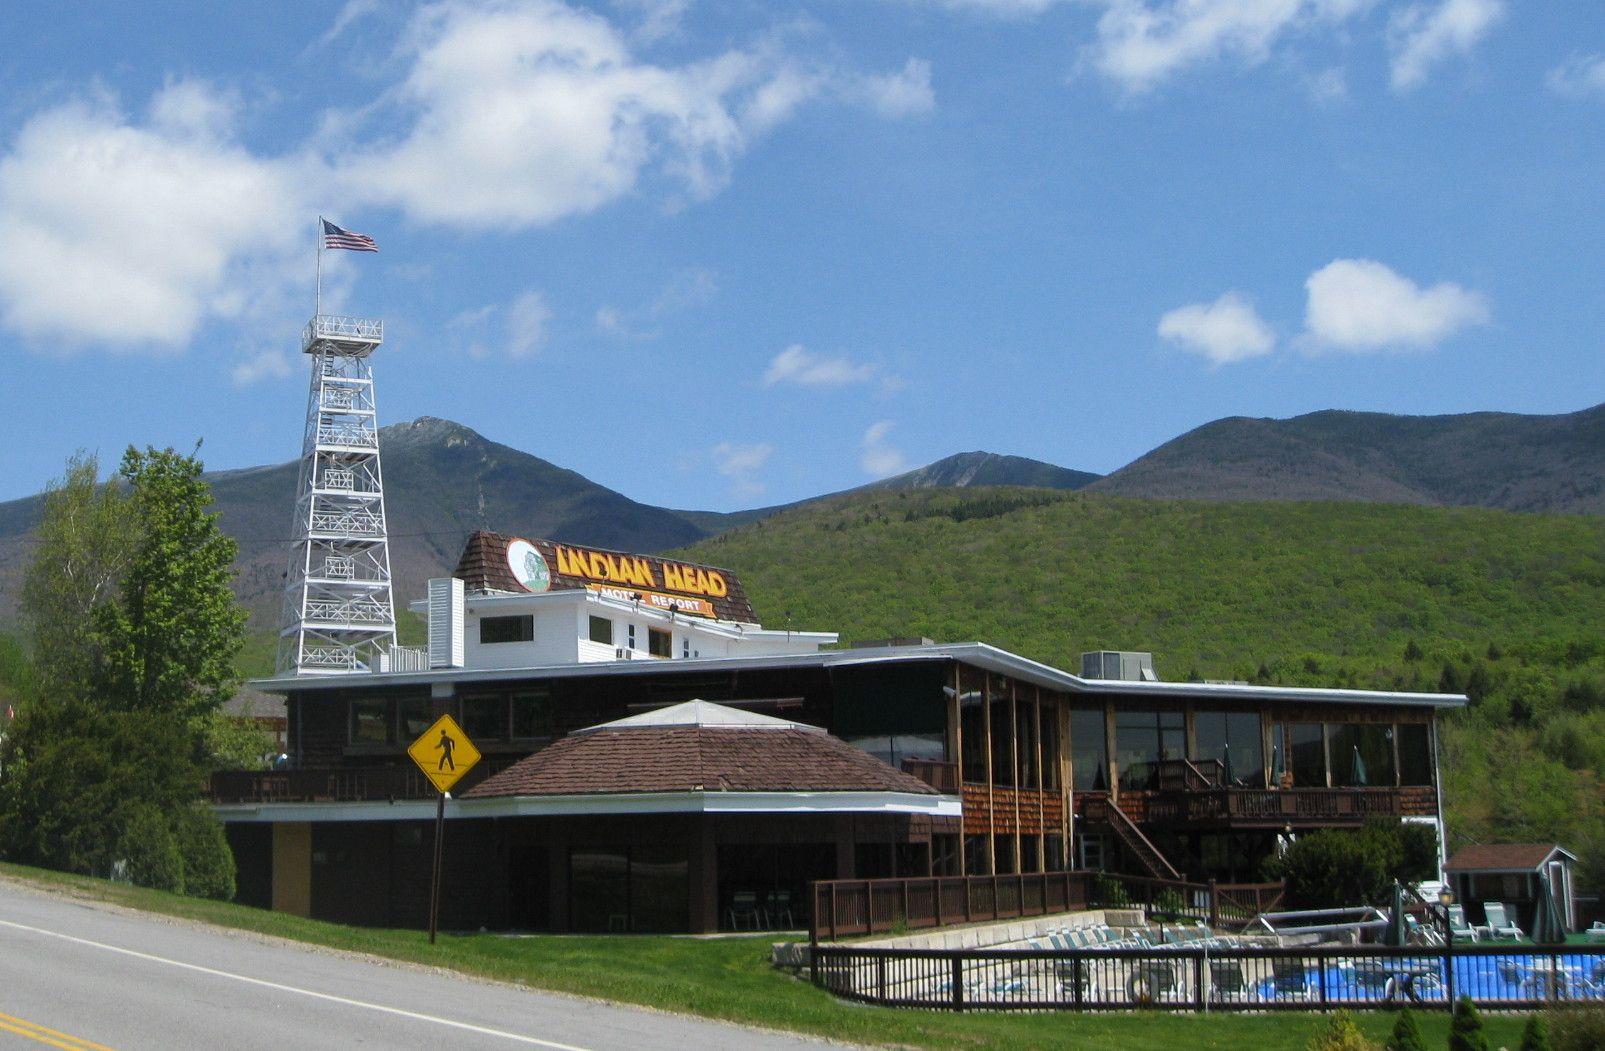 New hampshirte casinos fort worth casino